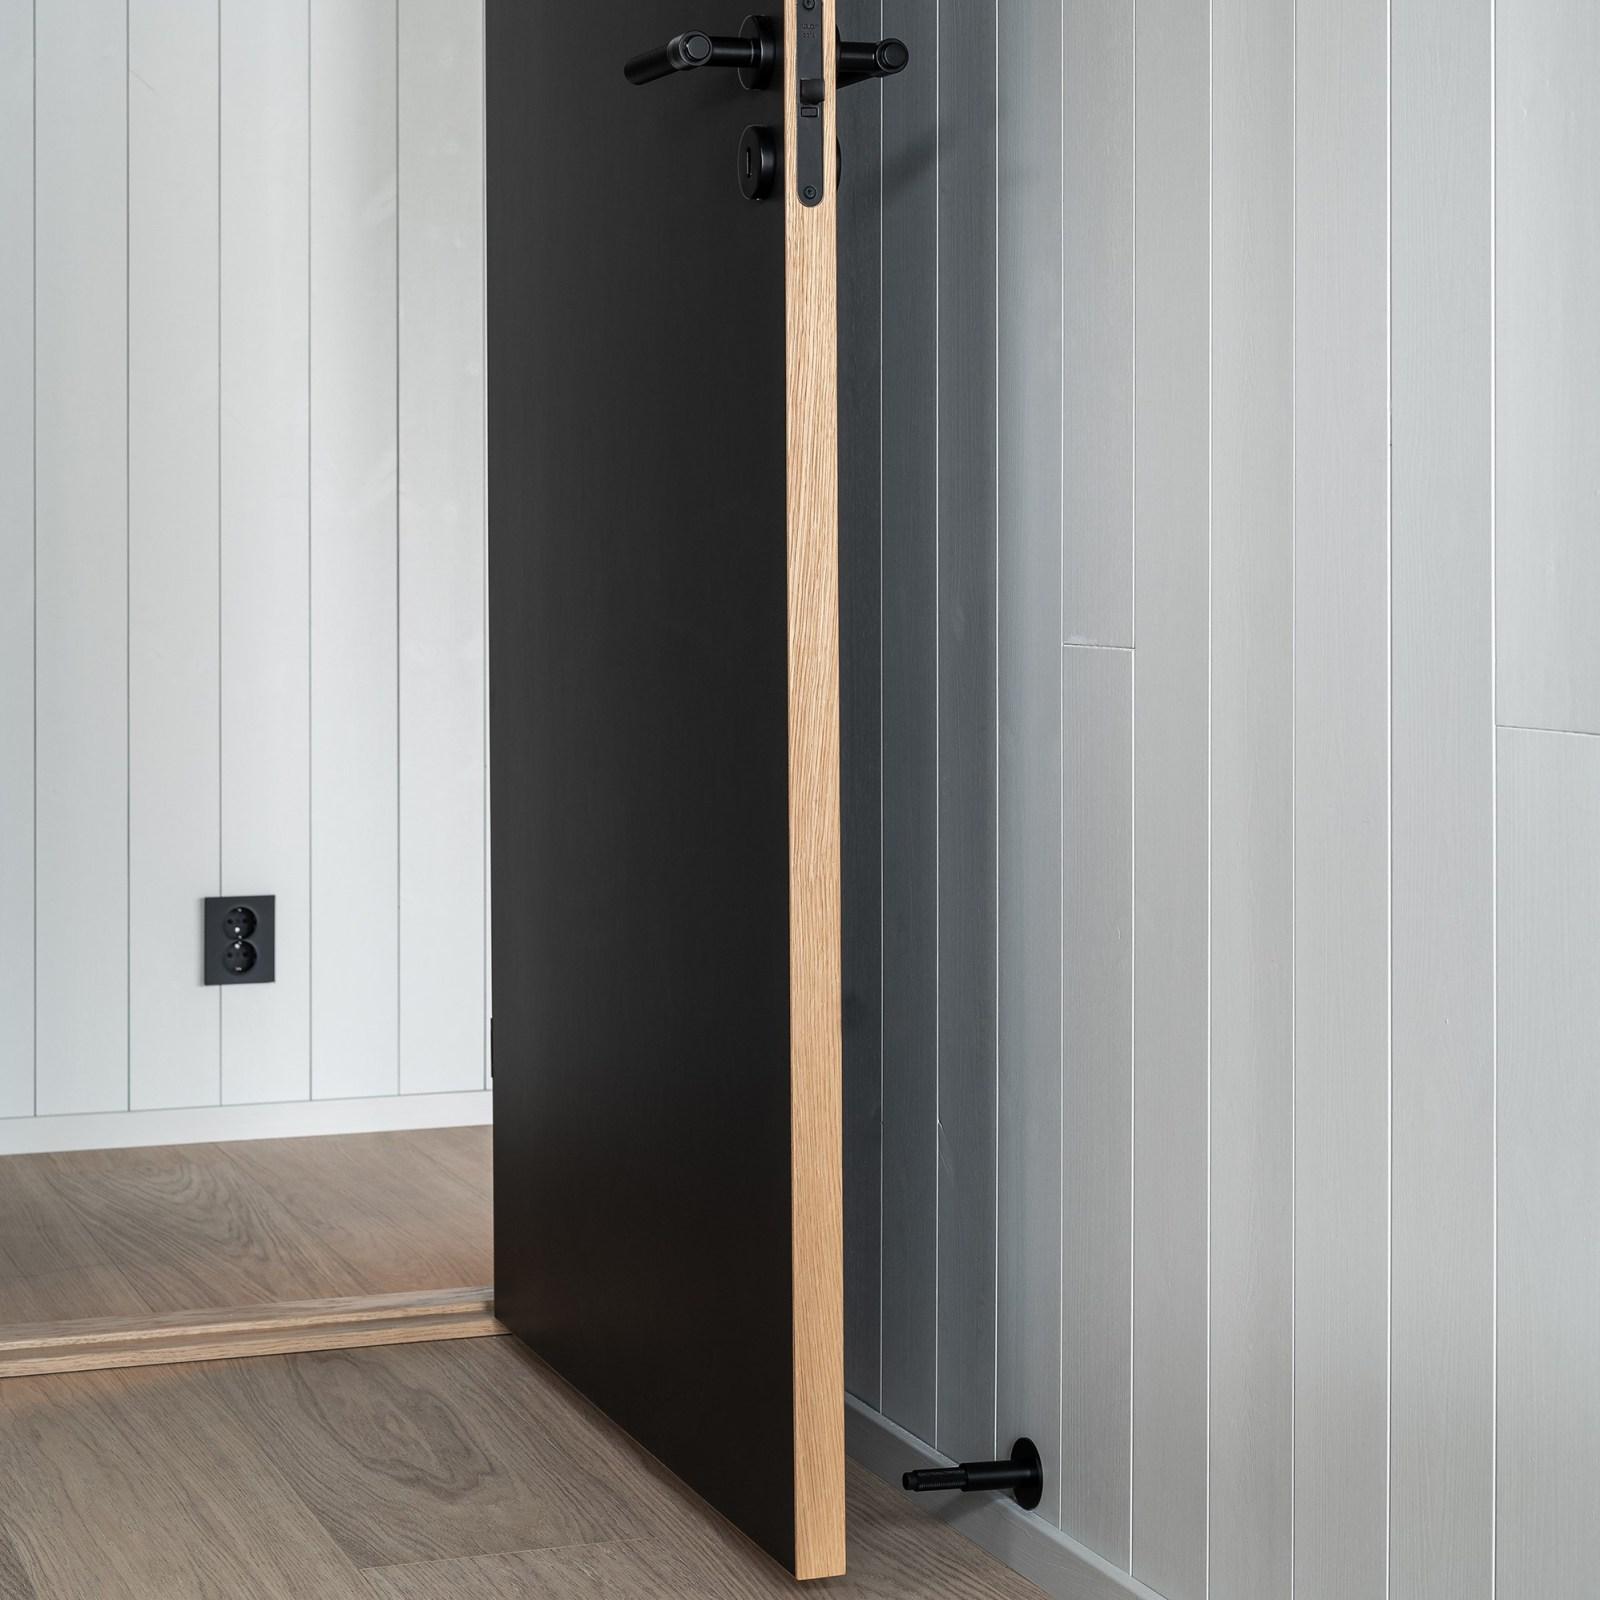 dörrhandtag-helix-200-svart-beslag-design-njord